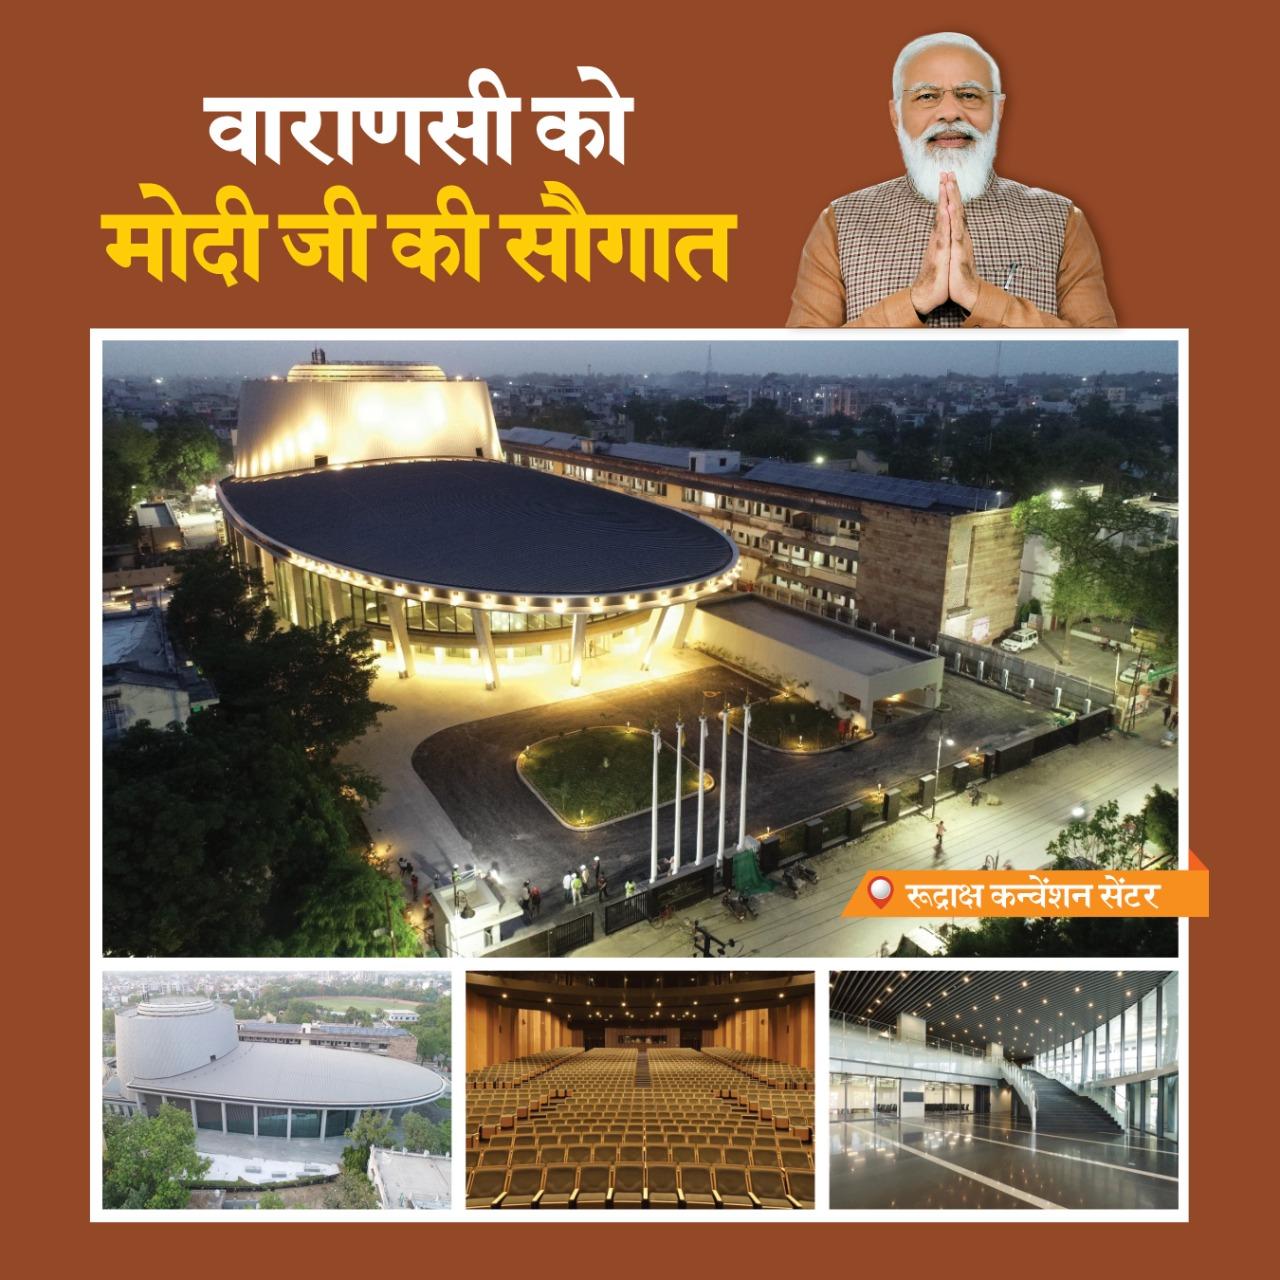 प्रधानमंत्री आज वाराणसी में 1500 करोड़ रुपये से अधिक लागत की विभिन्न परियोजनाओं का उद्घाटन और शिलान्यास करेंगे